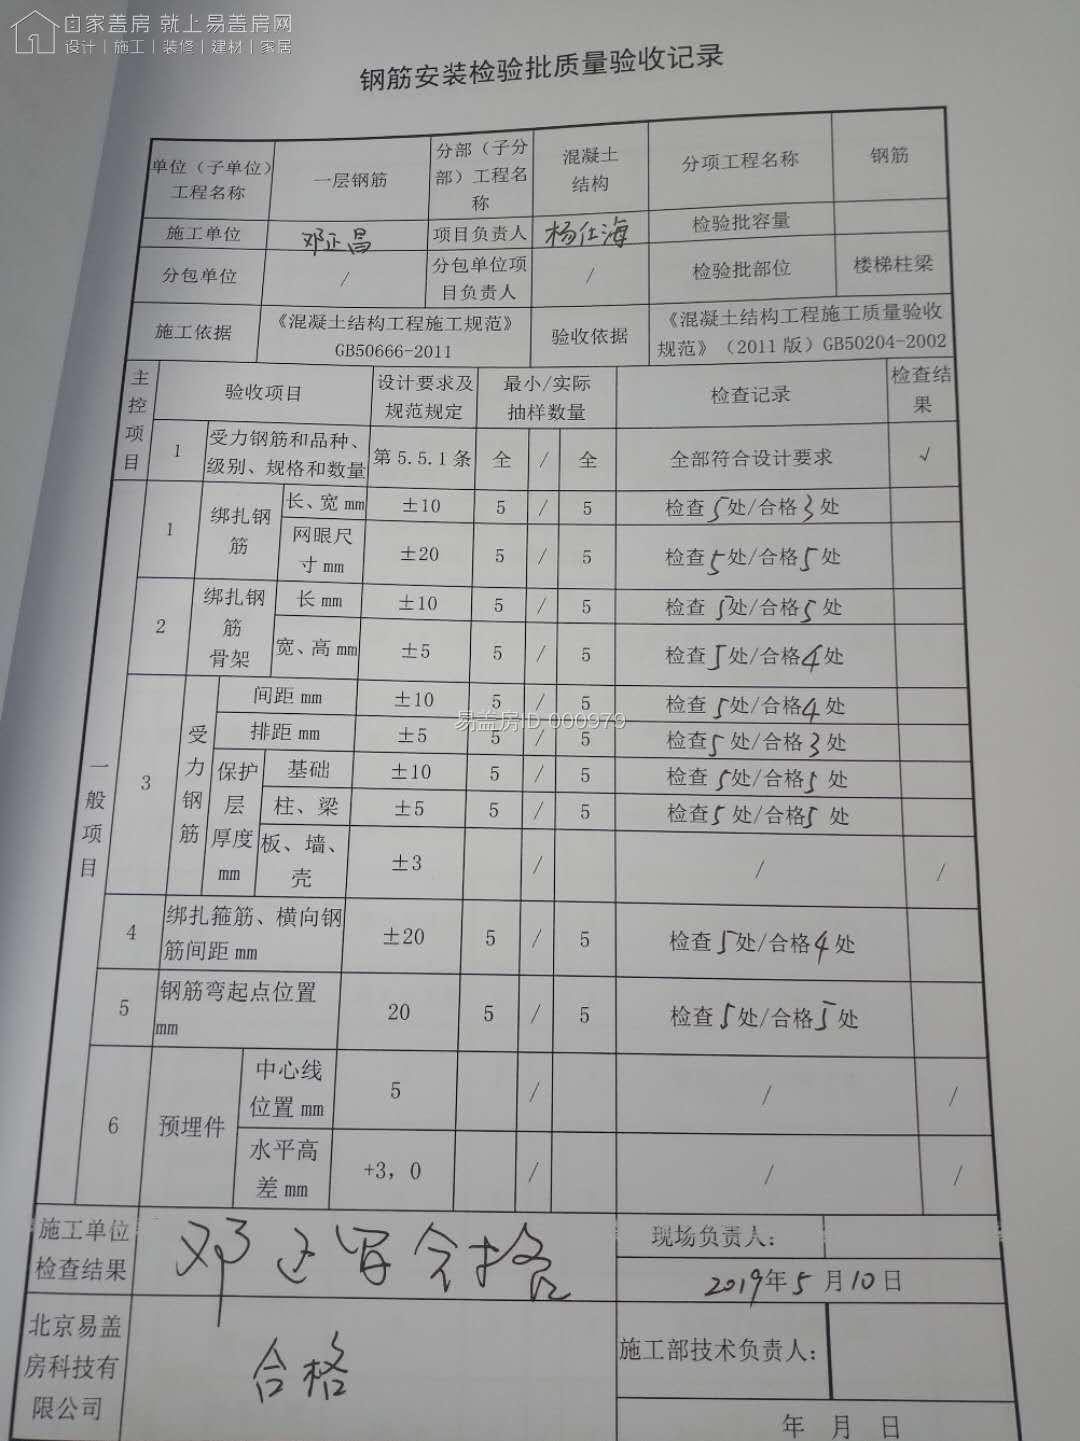 四川綿陽涂杰別墅(百城計劃)工地直播